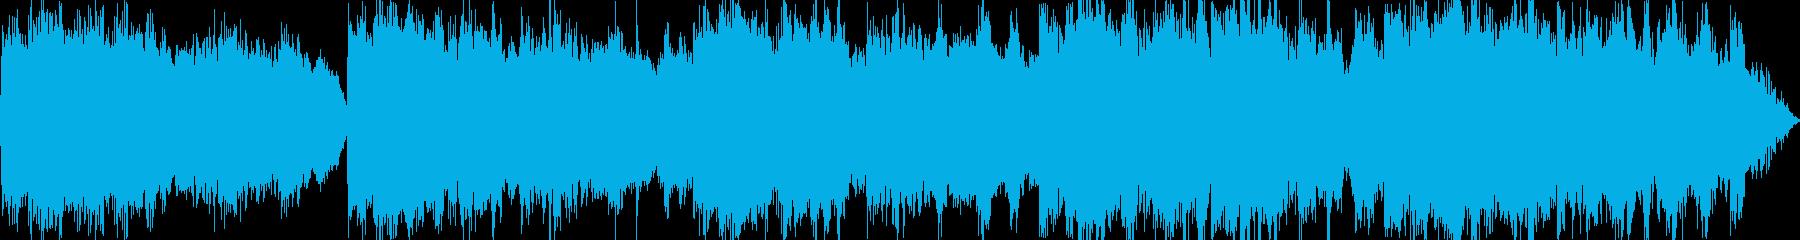 未来的なサウンドは、暗いがユーモラ...の再生済みの波形